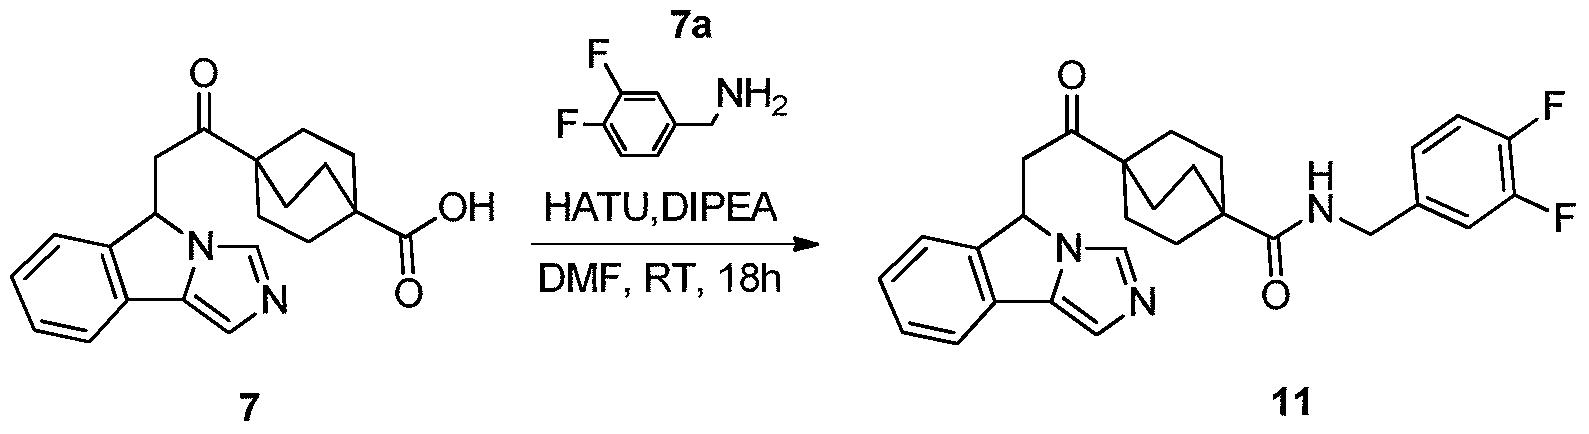 Figure PCTCN2017084604-appb-000289